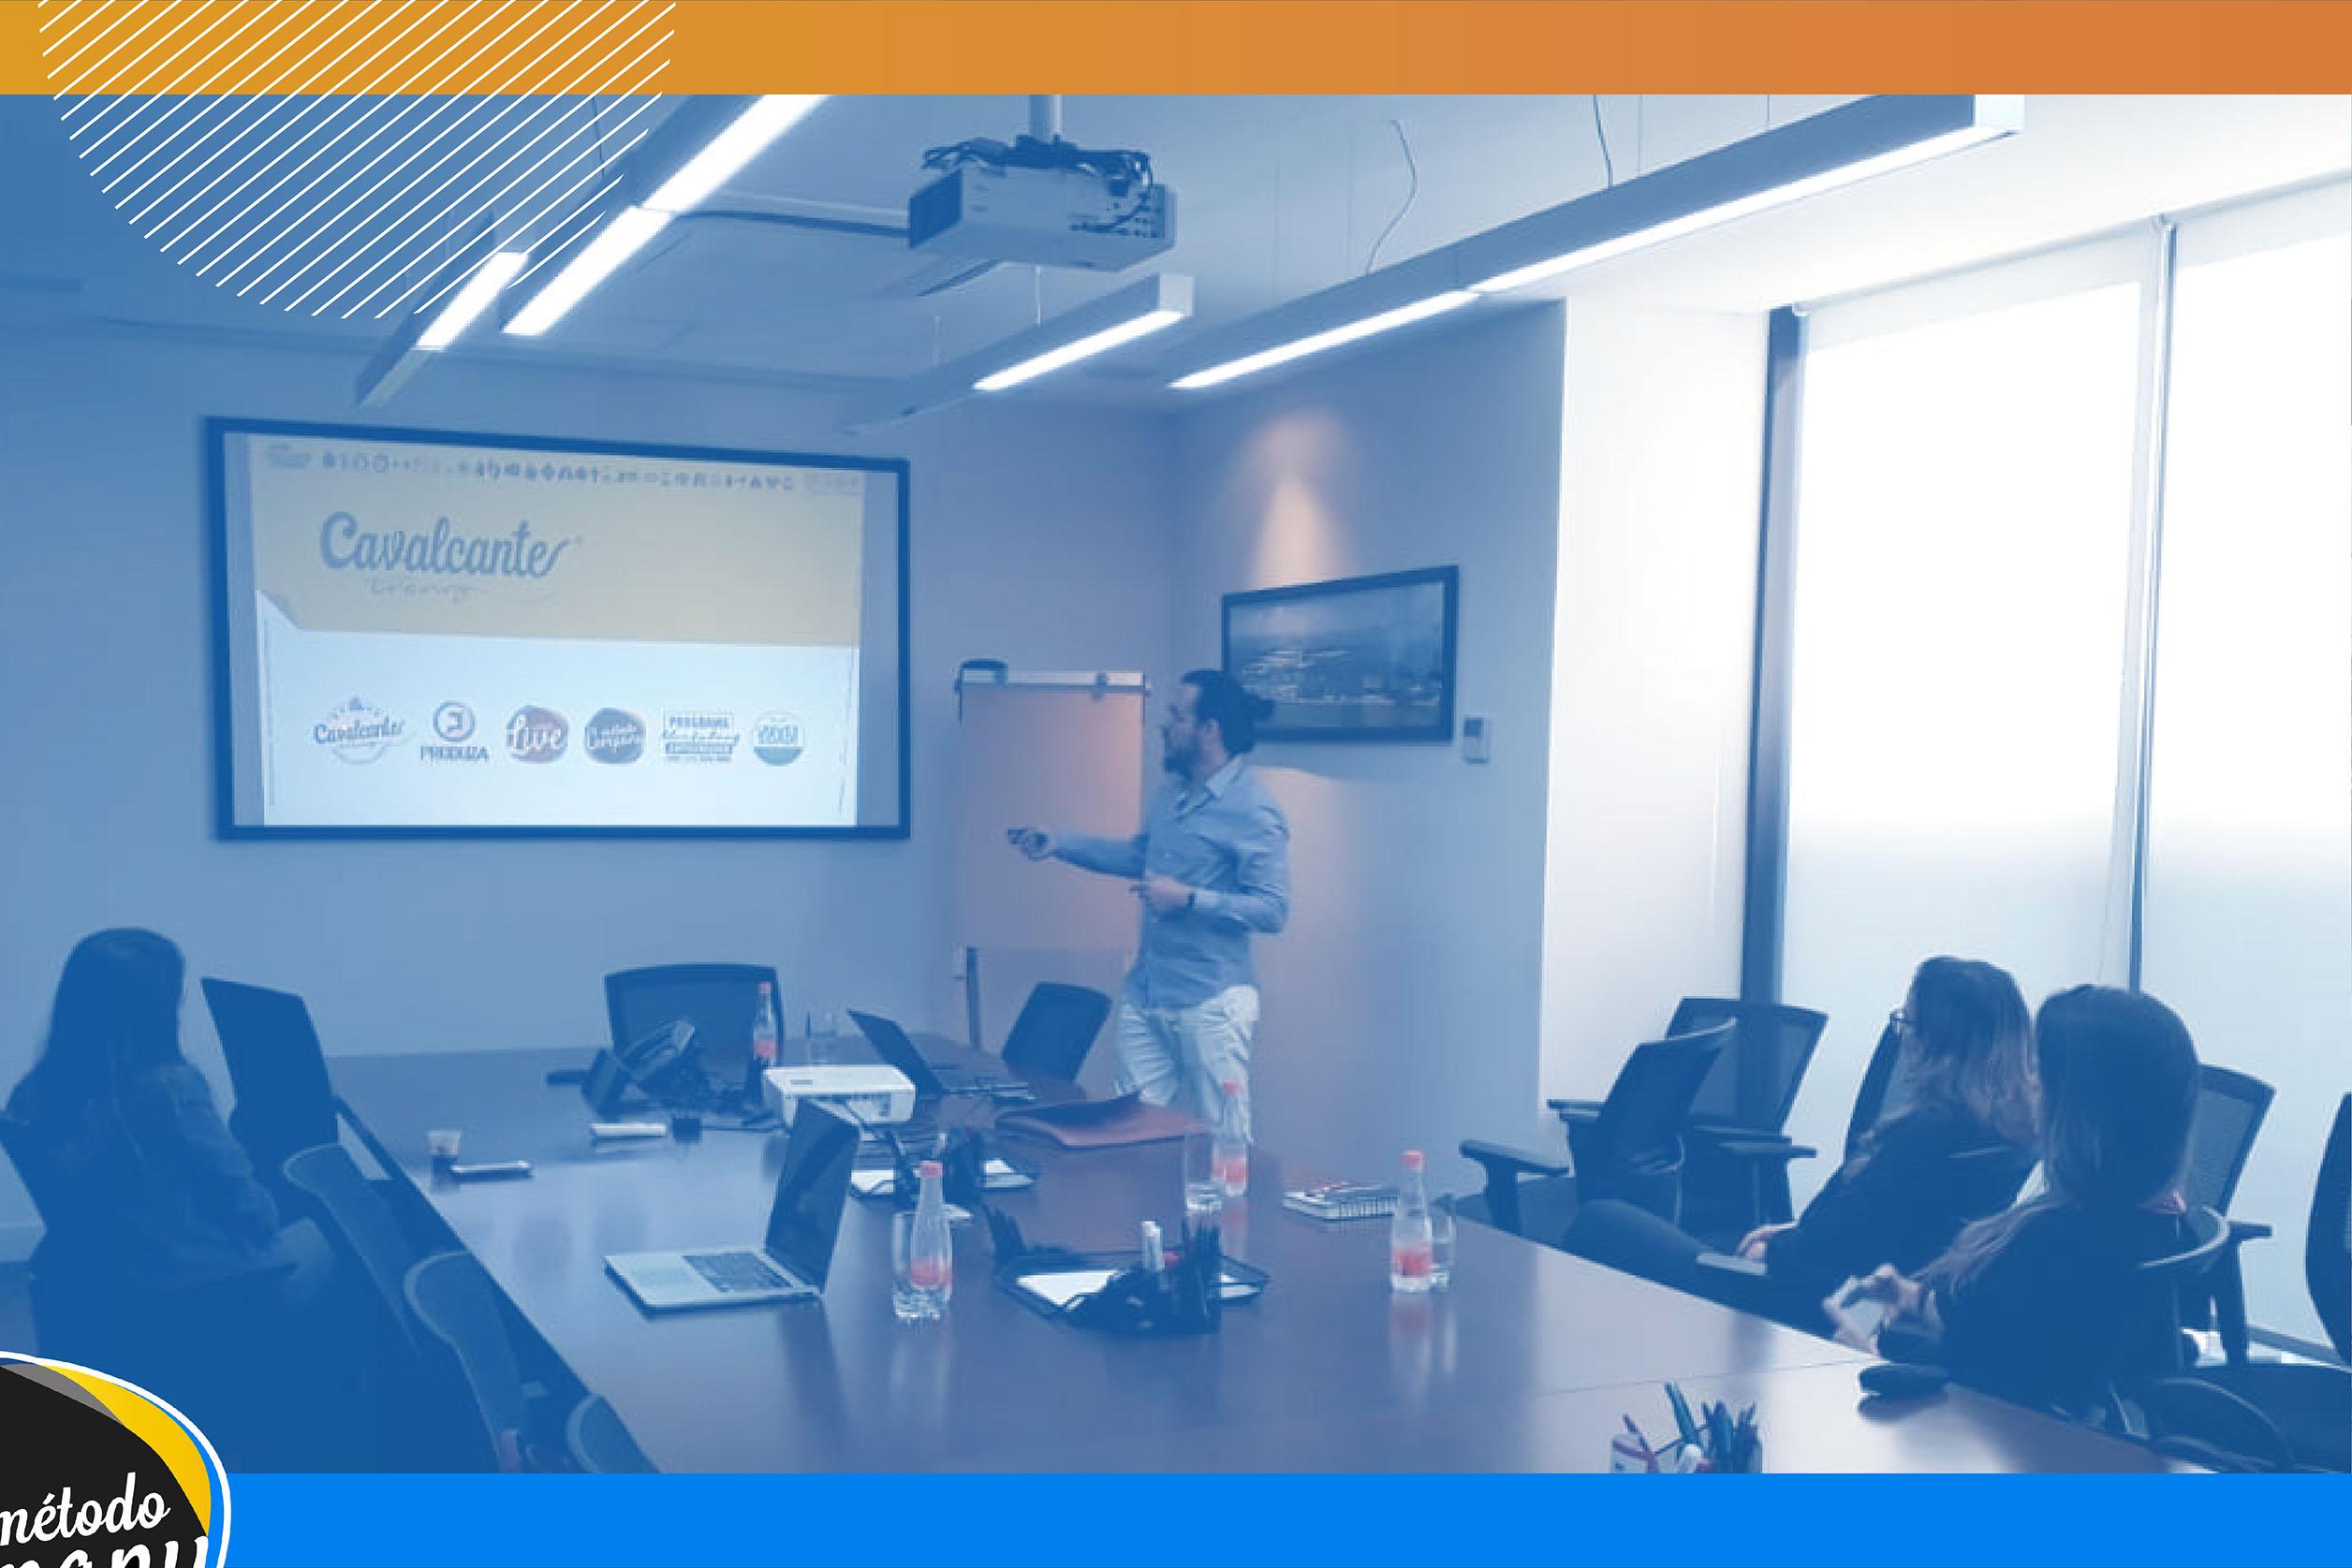 Método Company com Álex Cavalcante da PRODUZA® NE para Pessoas, Negócios e Mercados -  Educação, Construtora, Tecnologia, Alimentação, Industria, Varejo